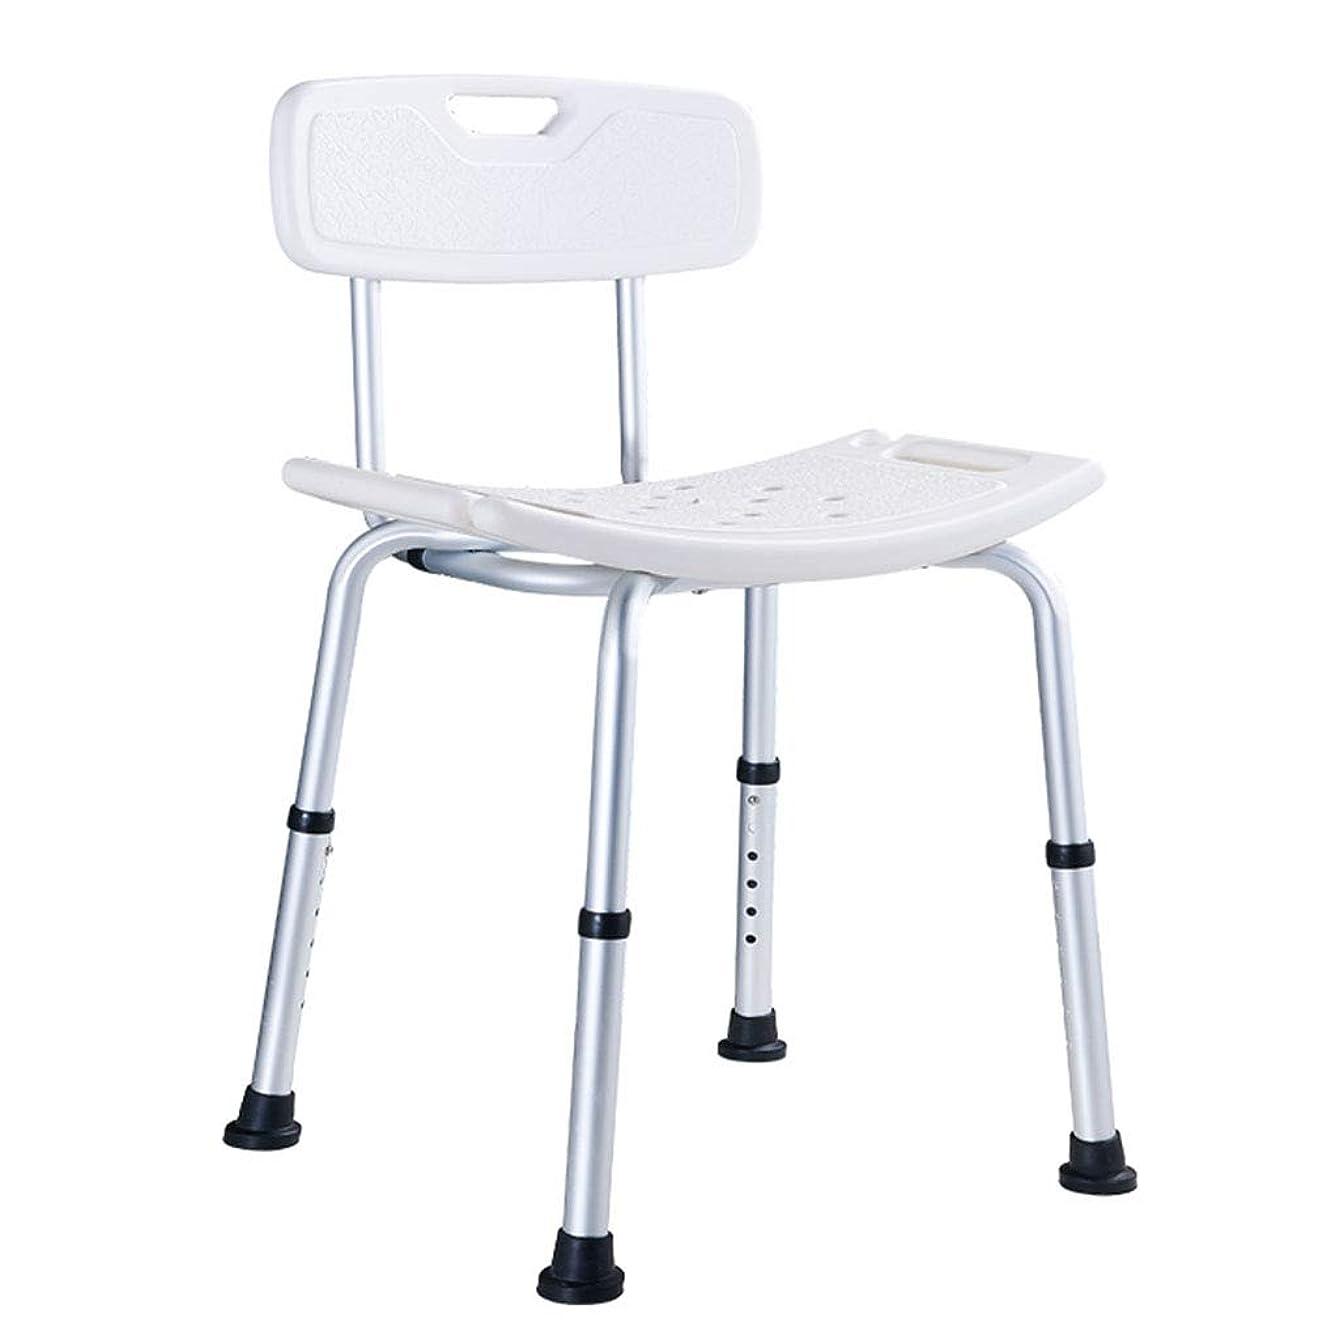 配分飢追う耐荷重150kgシャワーシート、高さ調節可能な背もたれシャワーシート、排水穴付きシャワーシート+目に見えないアームレスト+ PEパネル、高齢者用シャワーシート、妊婦、身体障害者用、白